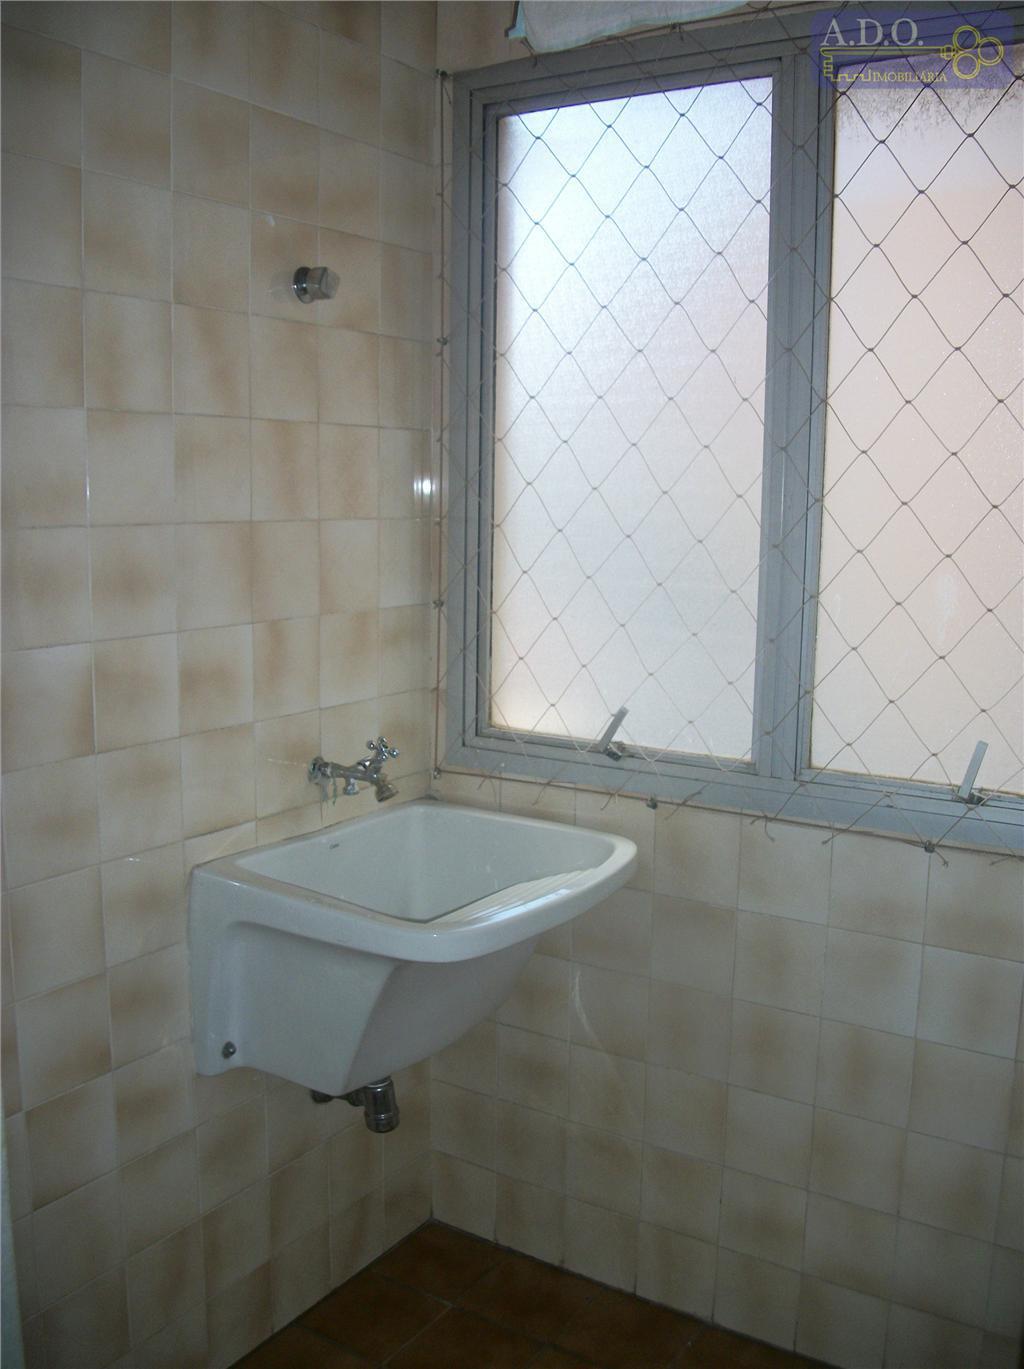 centro/vila itapura- próximo á maternidade - hall de entrada, sala p/ 2 ambientes ; 1 dormitório...